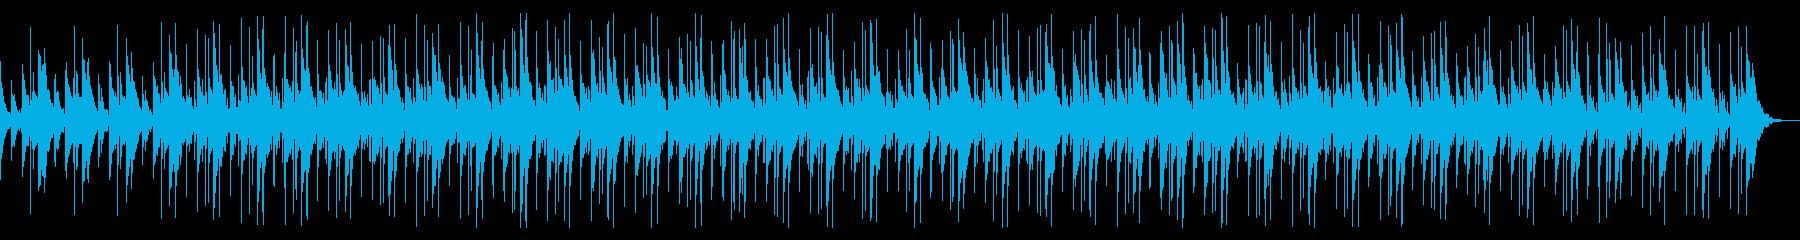 無機質で不可思議なBGMの再生済みの波形